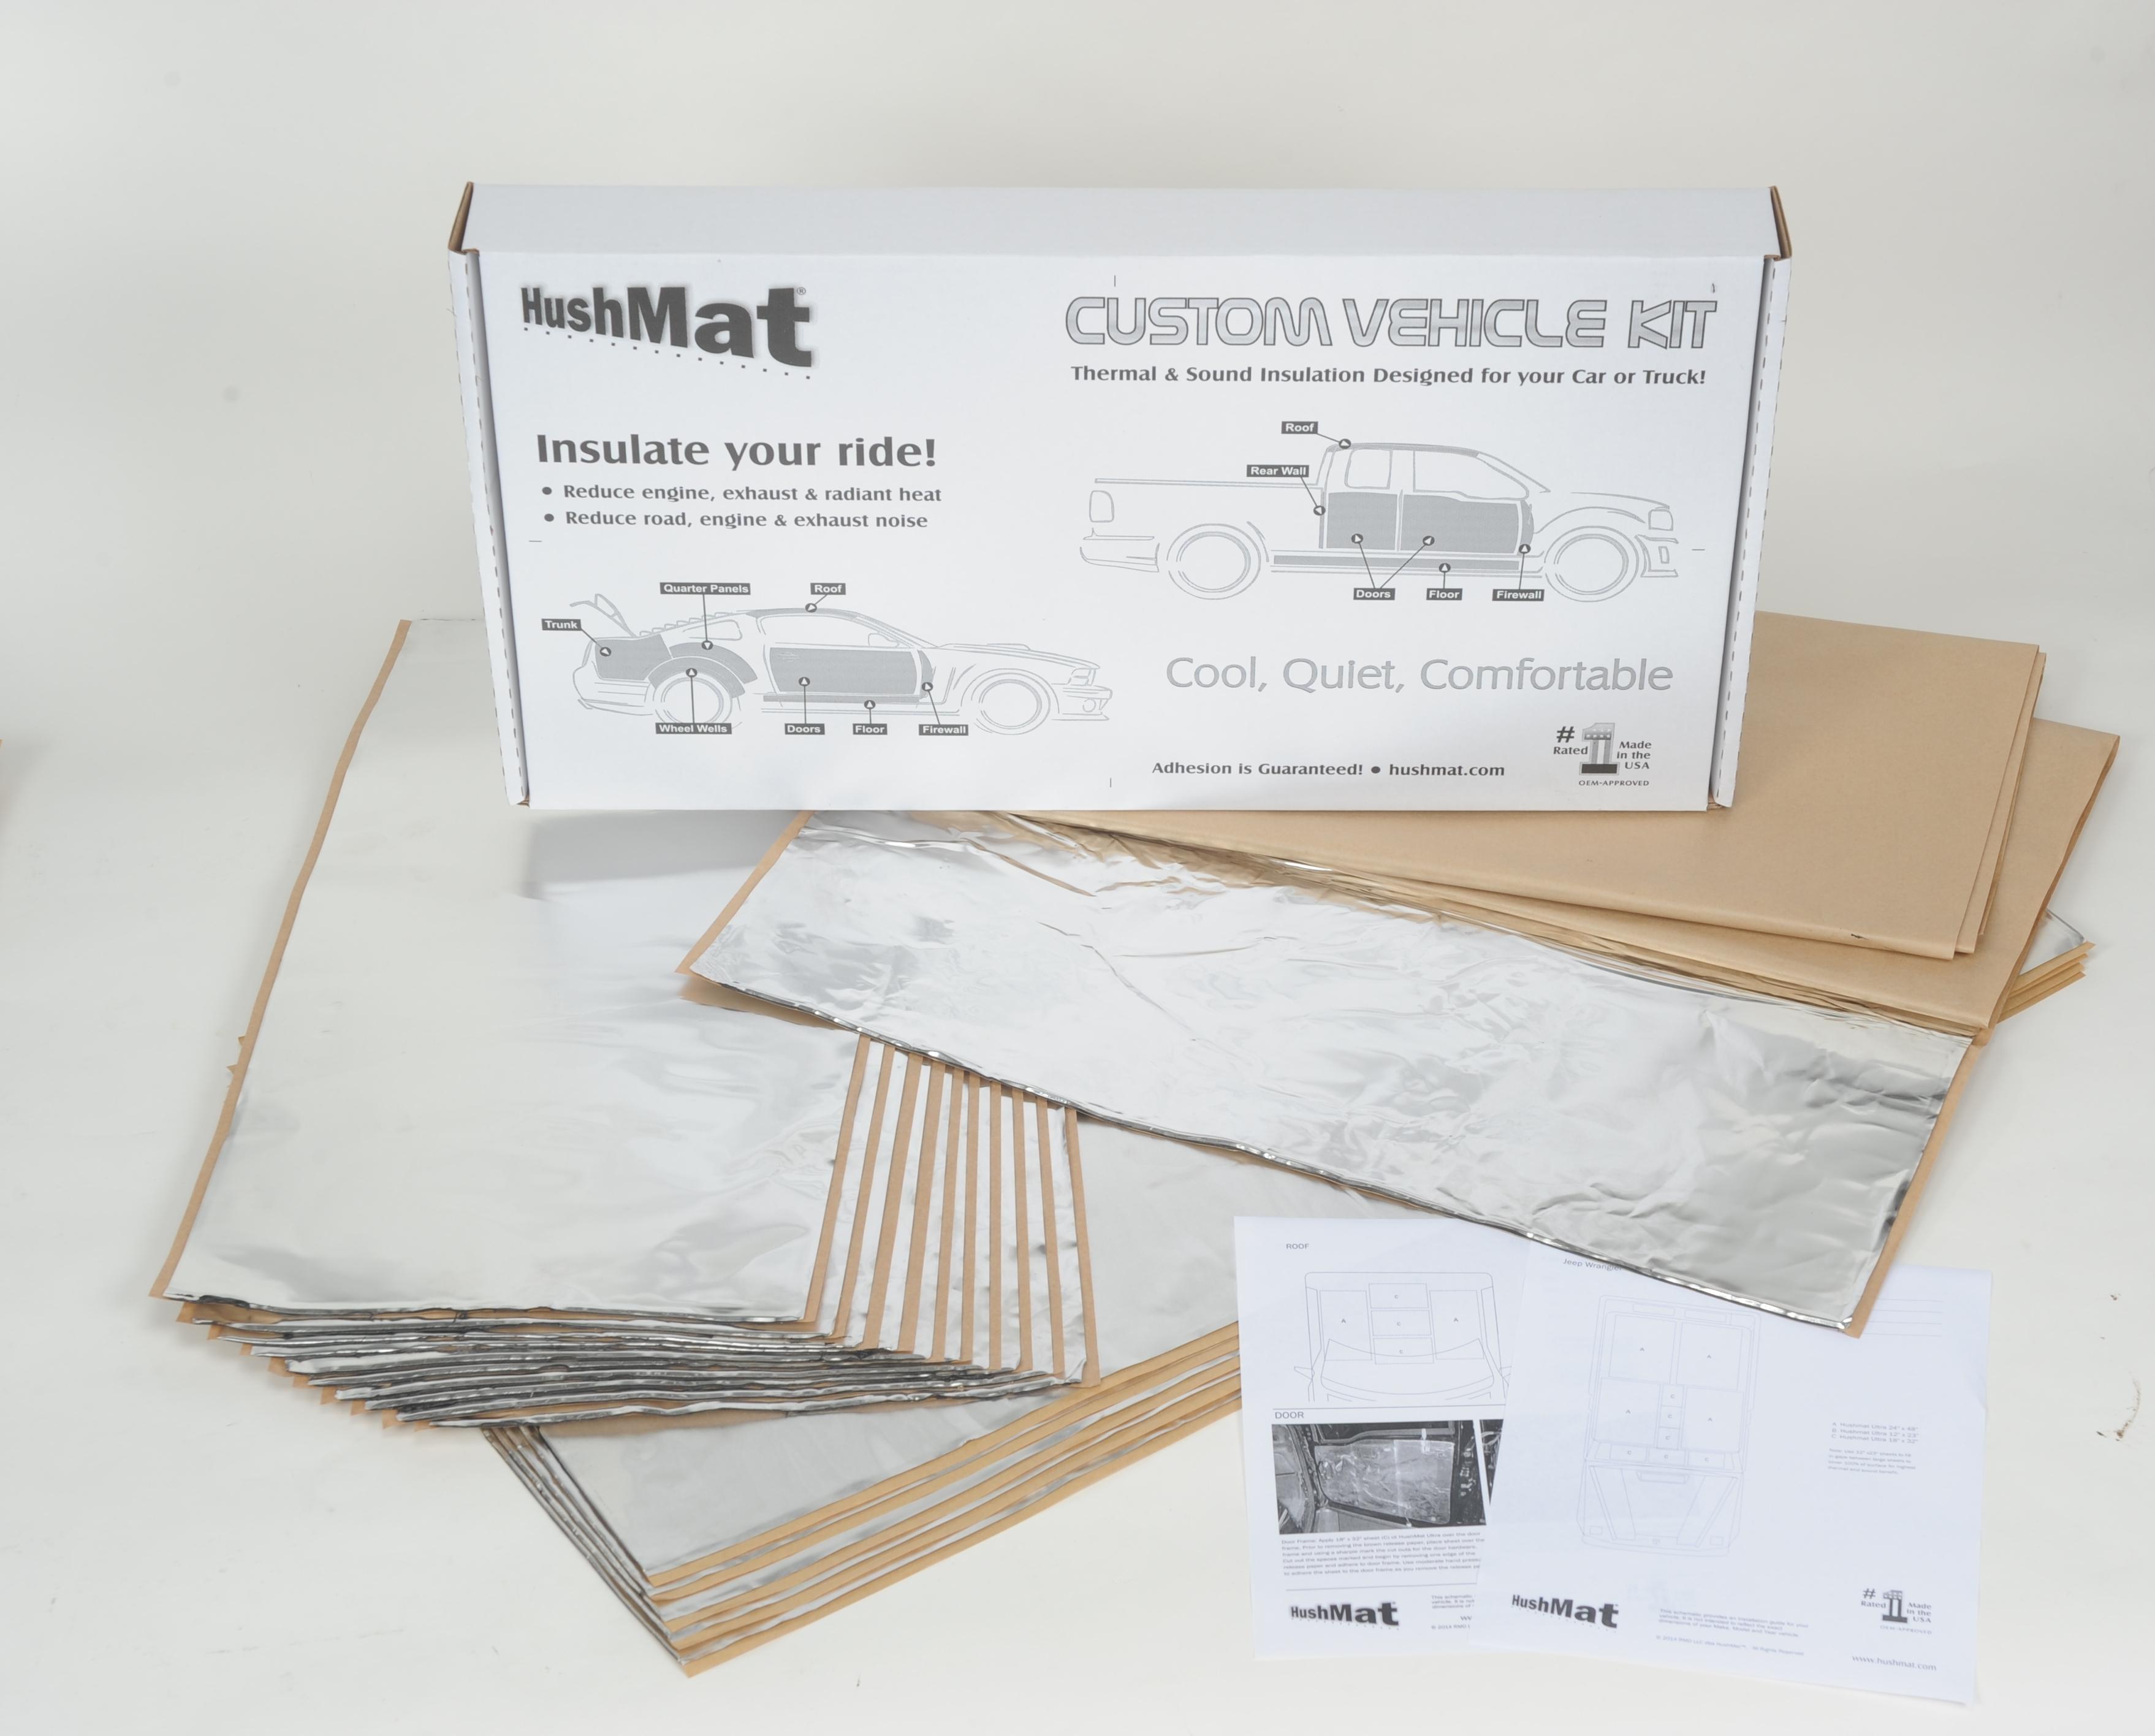 Hushmat 57521 Pininfarina Insulation Kit